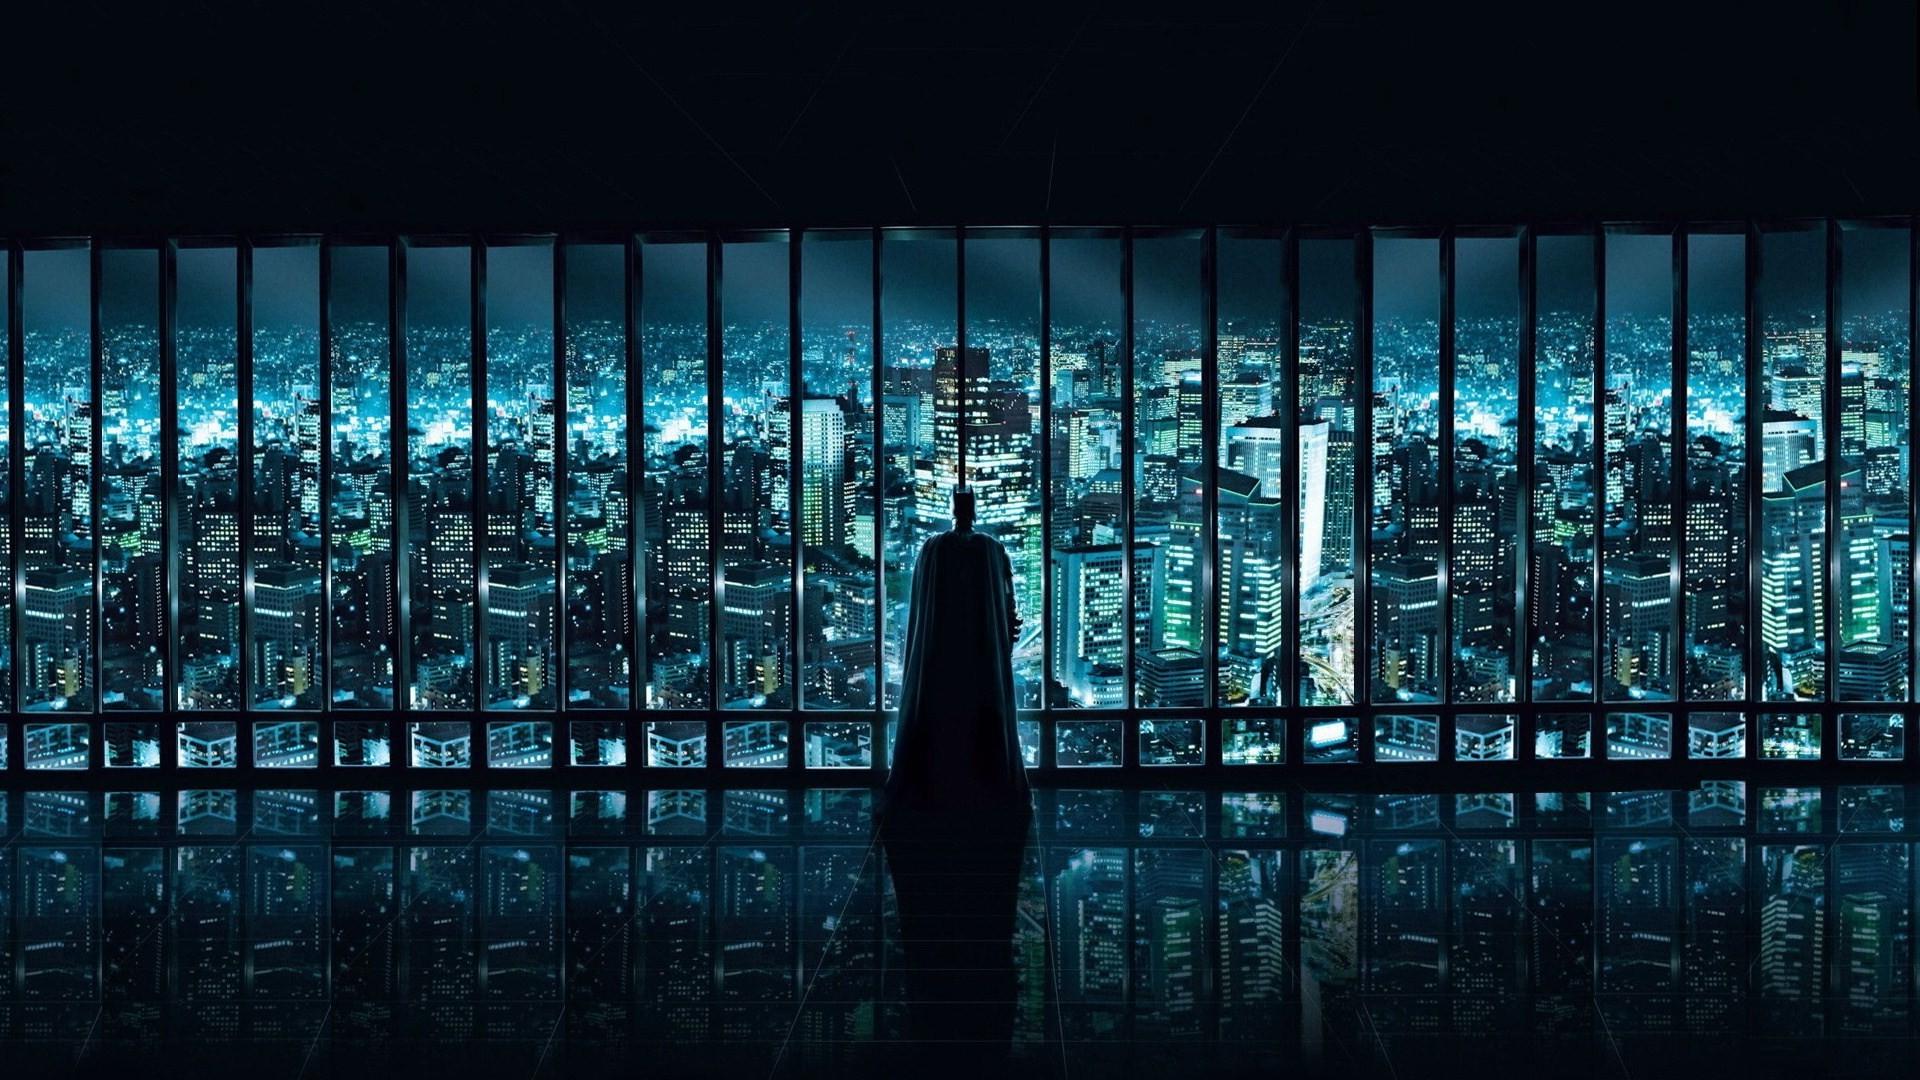 1920x1080 Batman Dark Knight Rises Hd Wallpaper